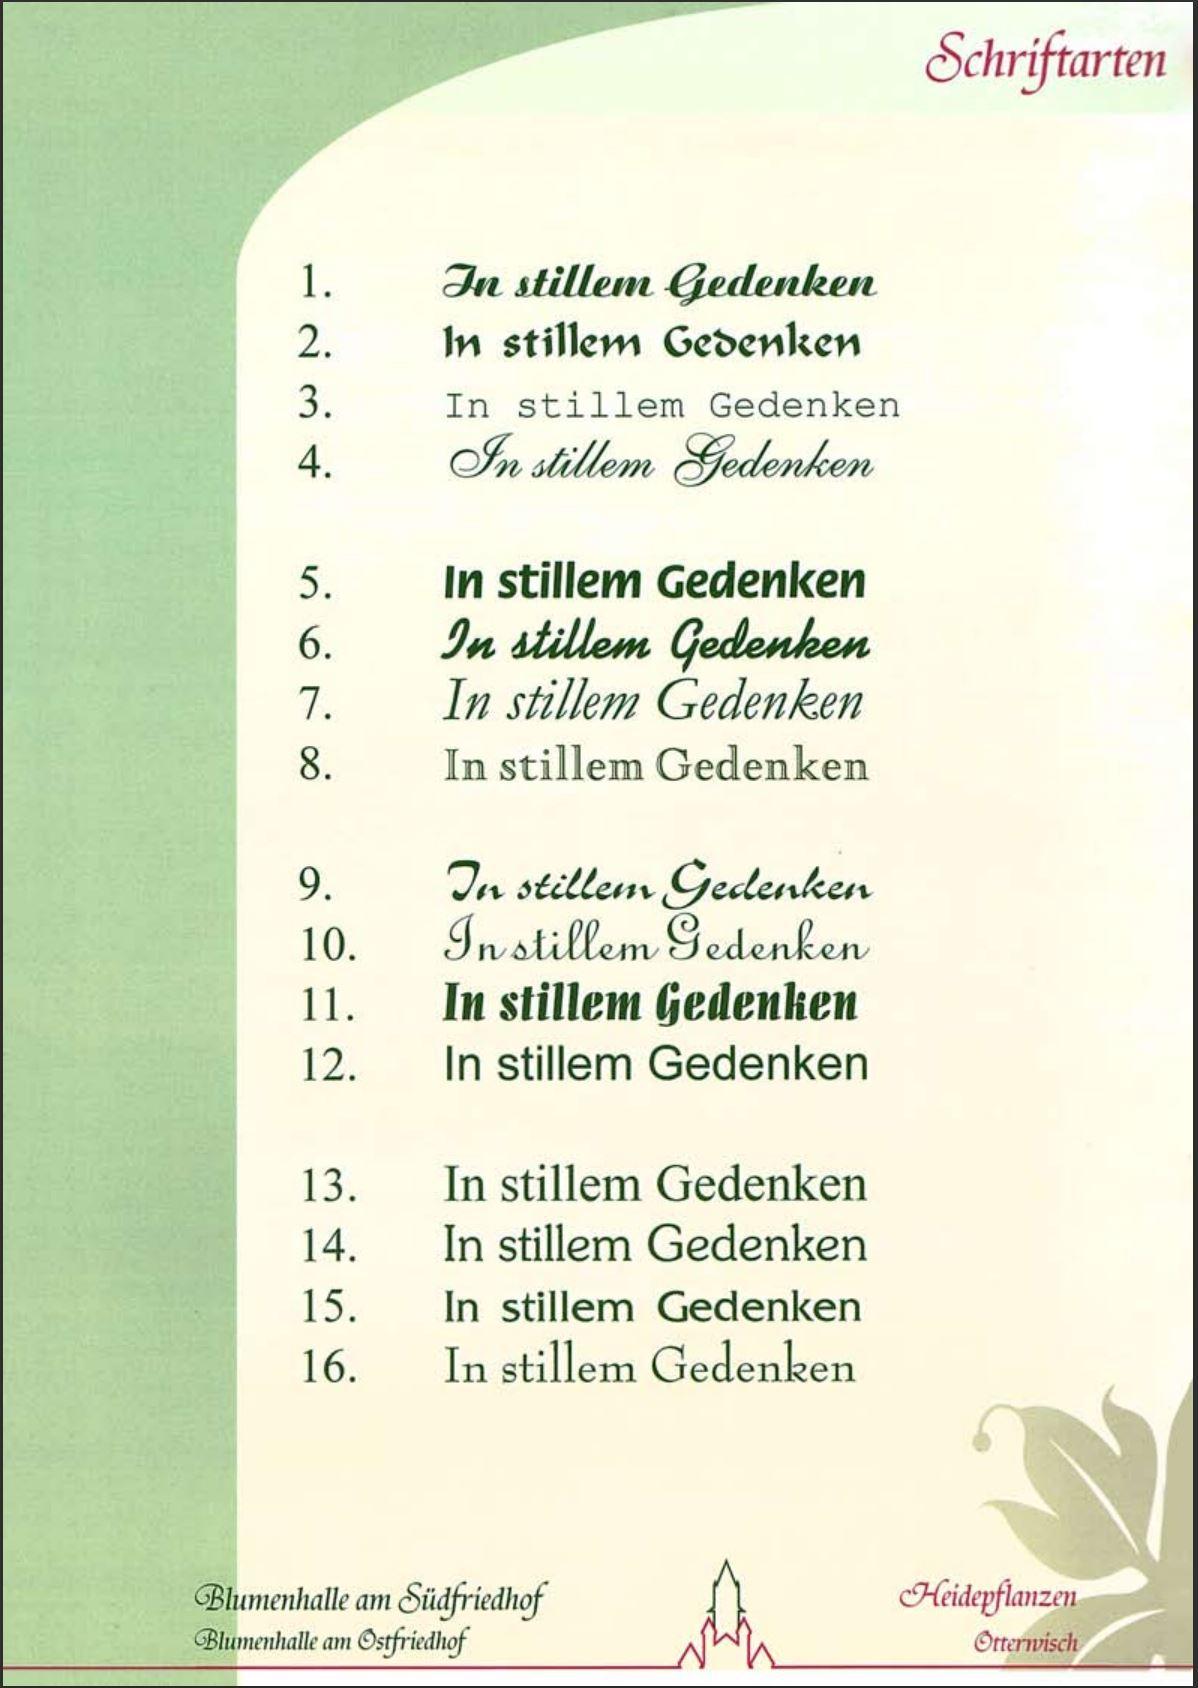 Schriftarten Katalog